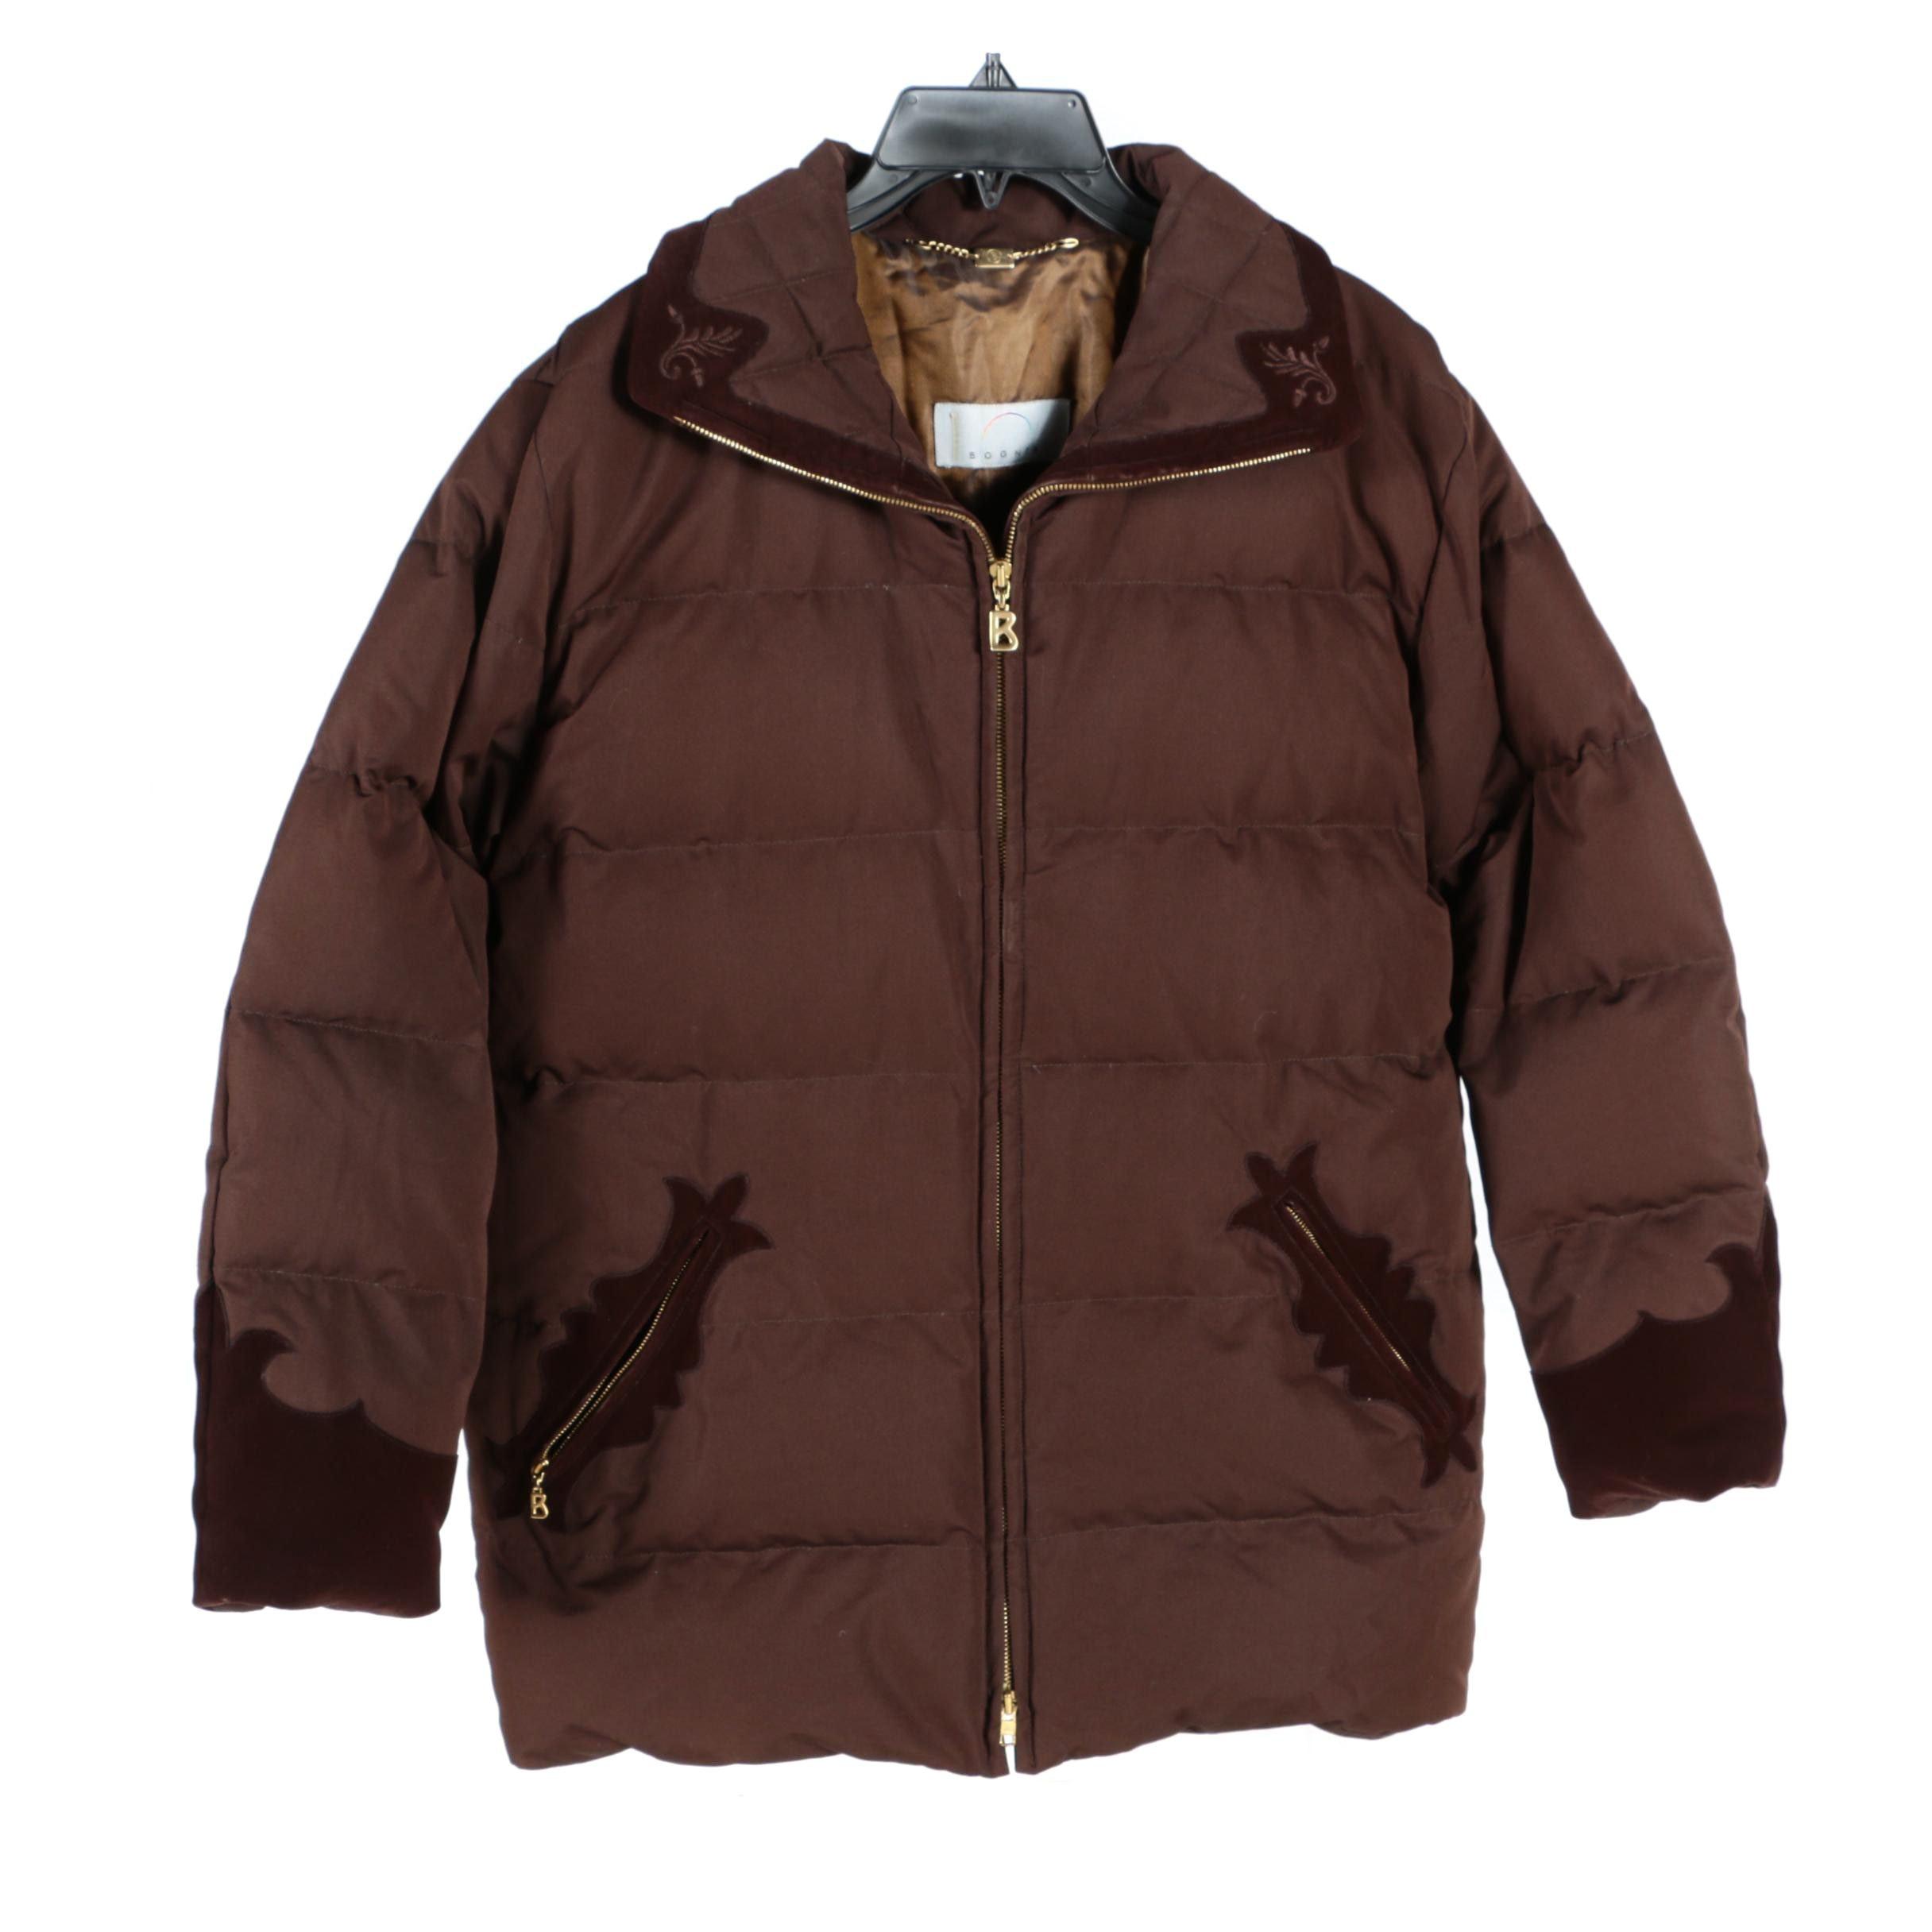 Women's Bogner Brown Jacket